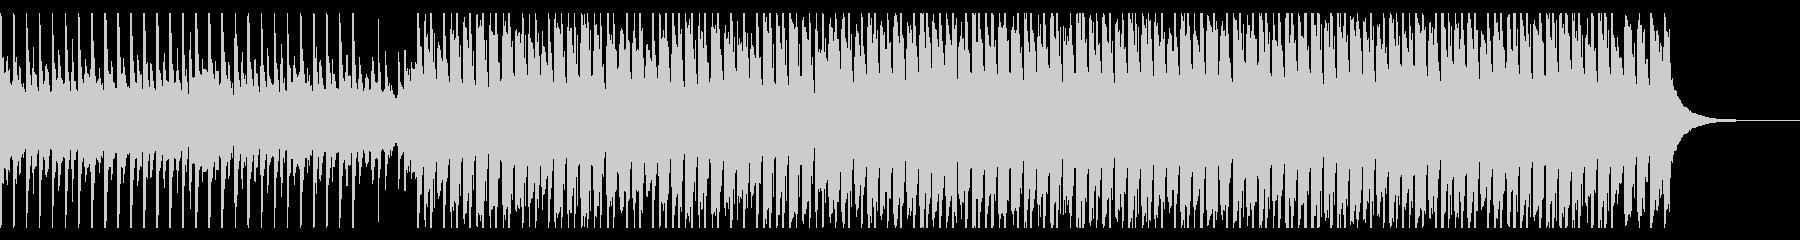 アップビートでハッピーポップ(60秒)の未再生の波形